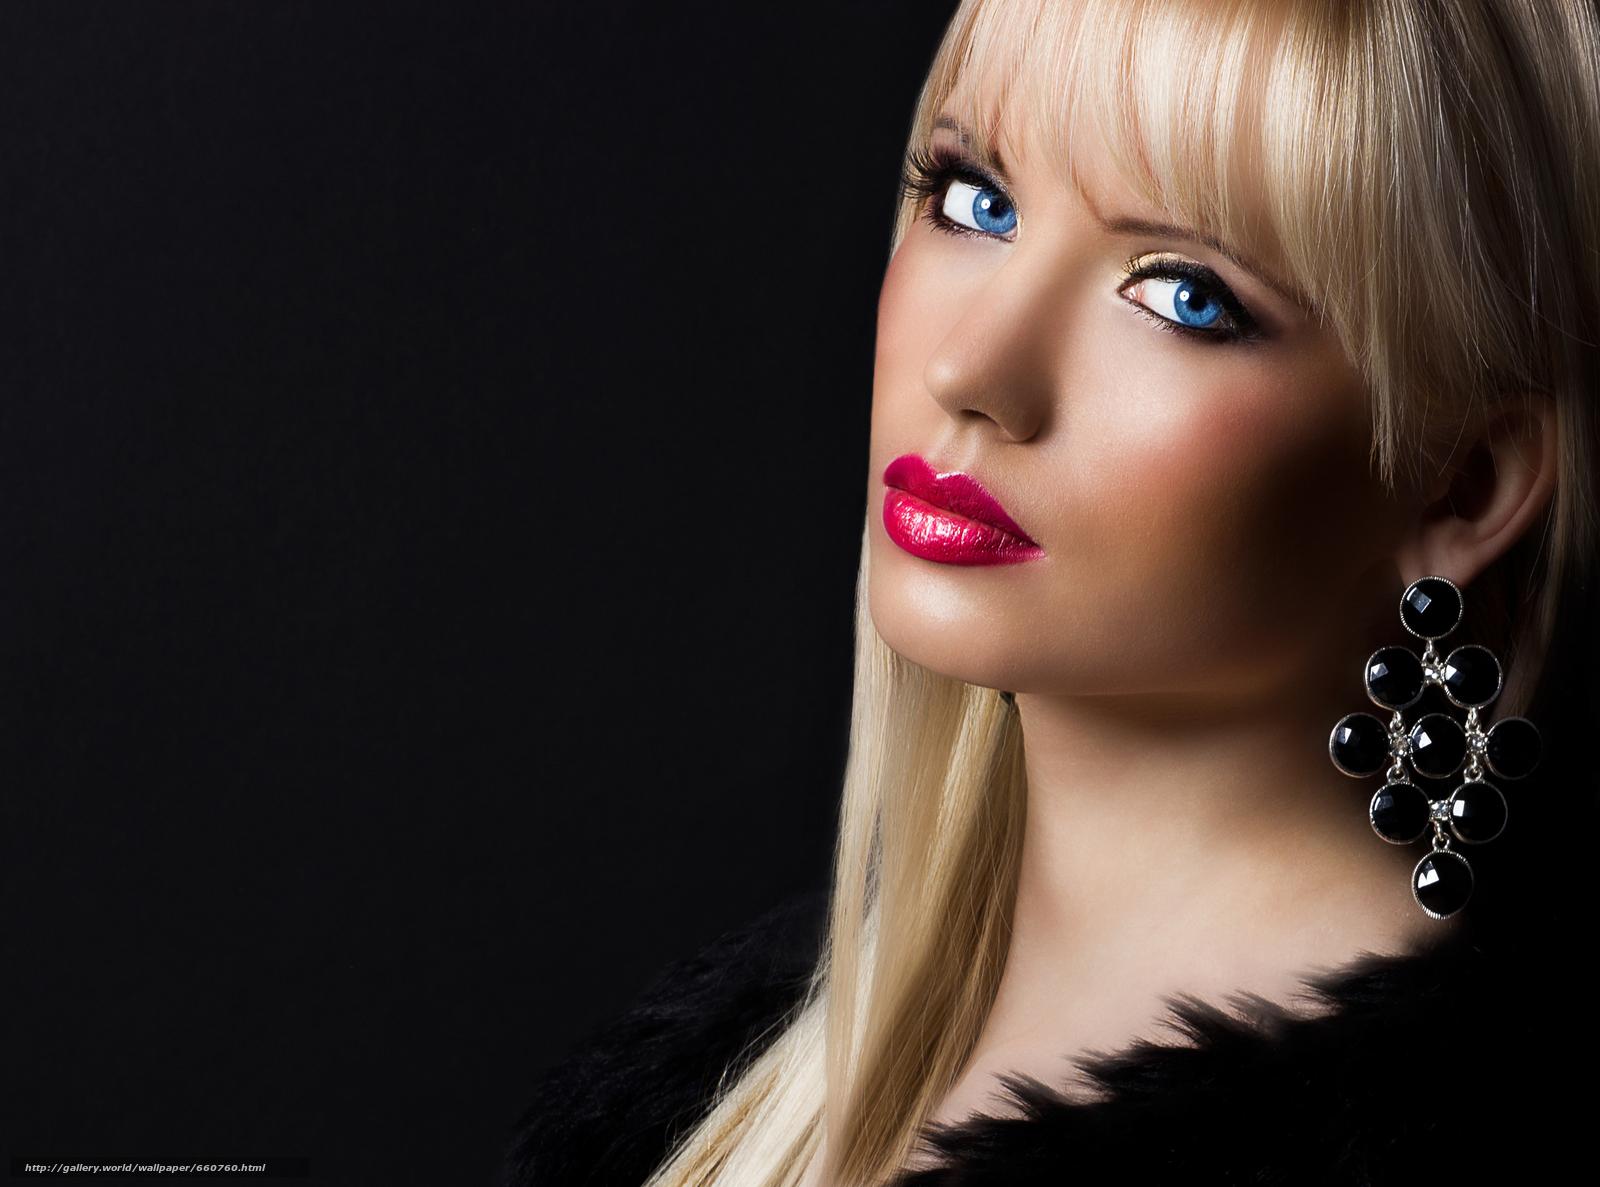 Фото блондинки с красивым макияжем